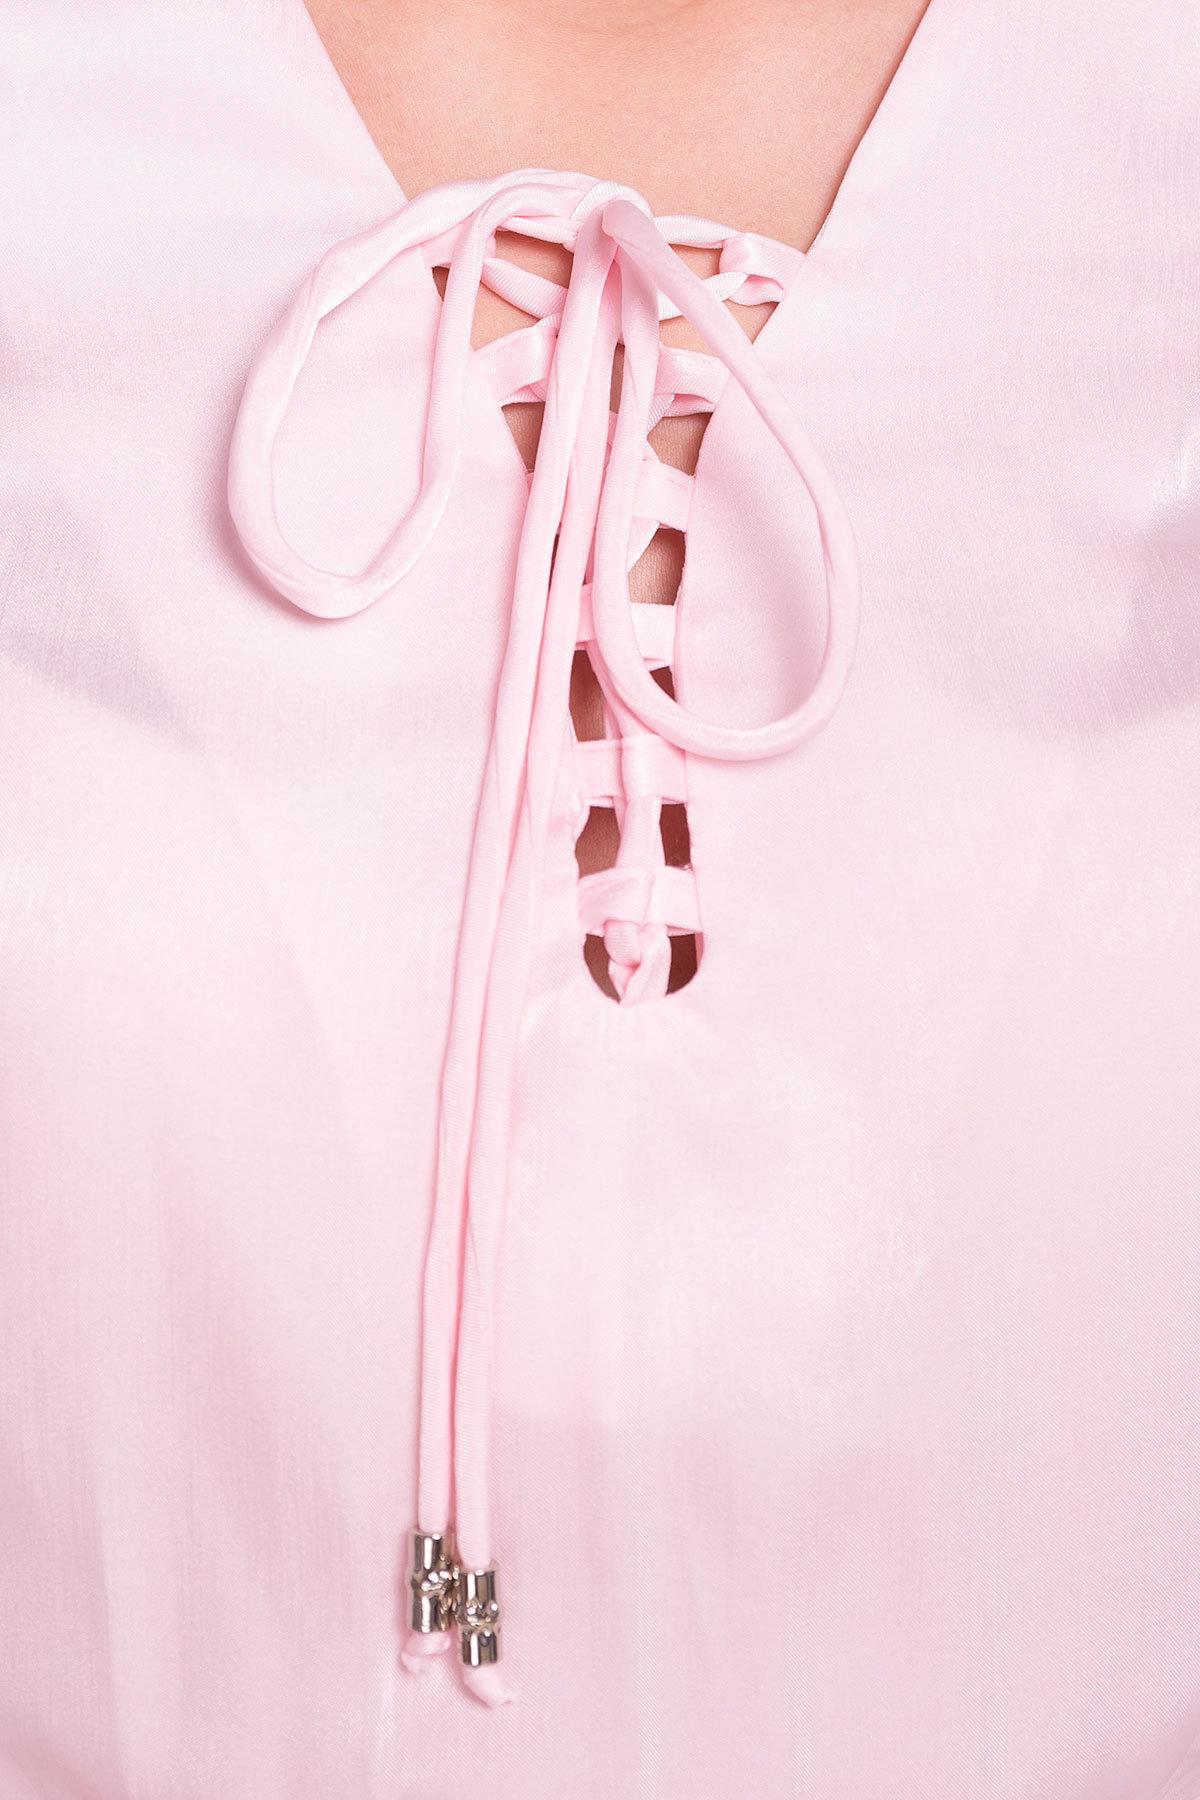 Платье Лолли 5073 АРТ. 35732 Цвет: Розовый - фото 4, интернет магазин tm-modus.ru